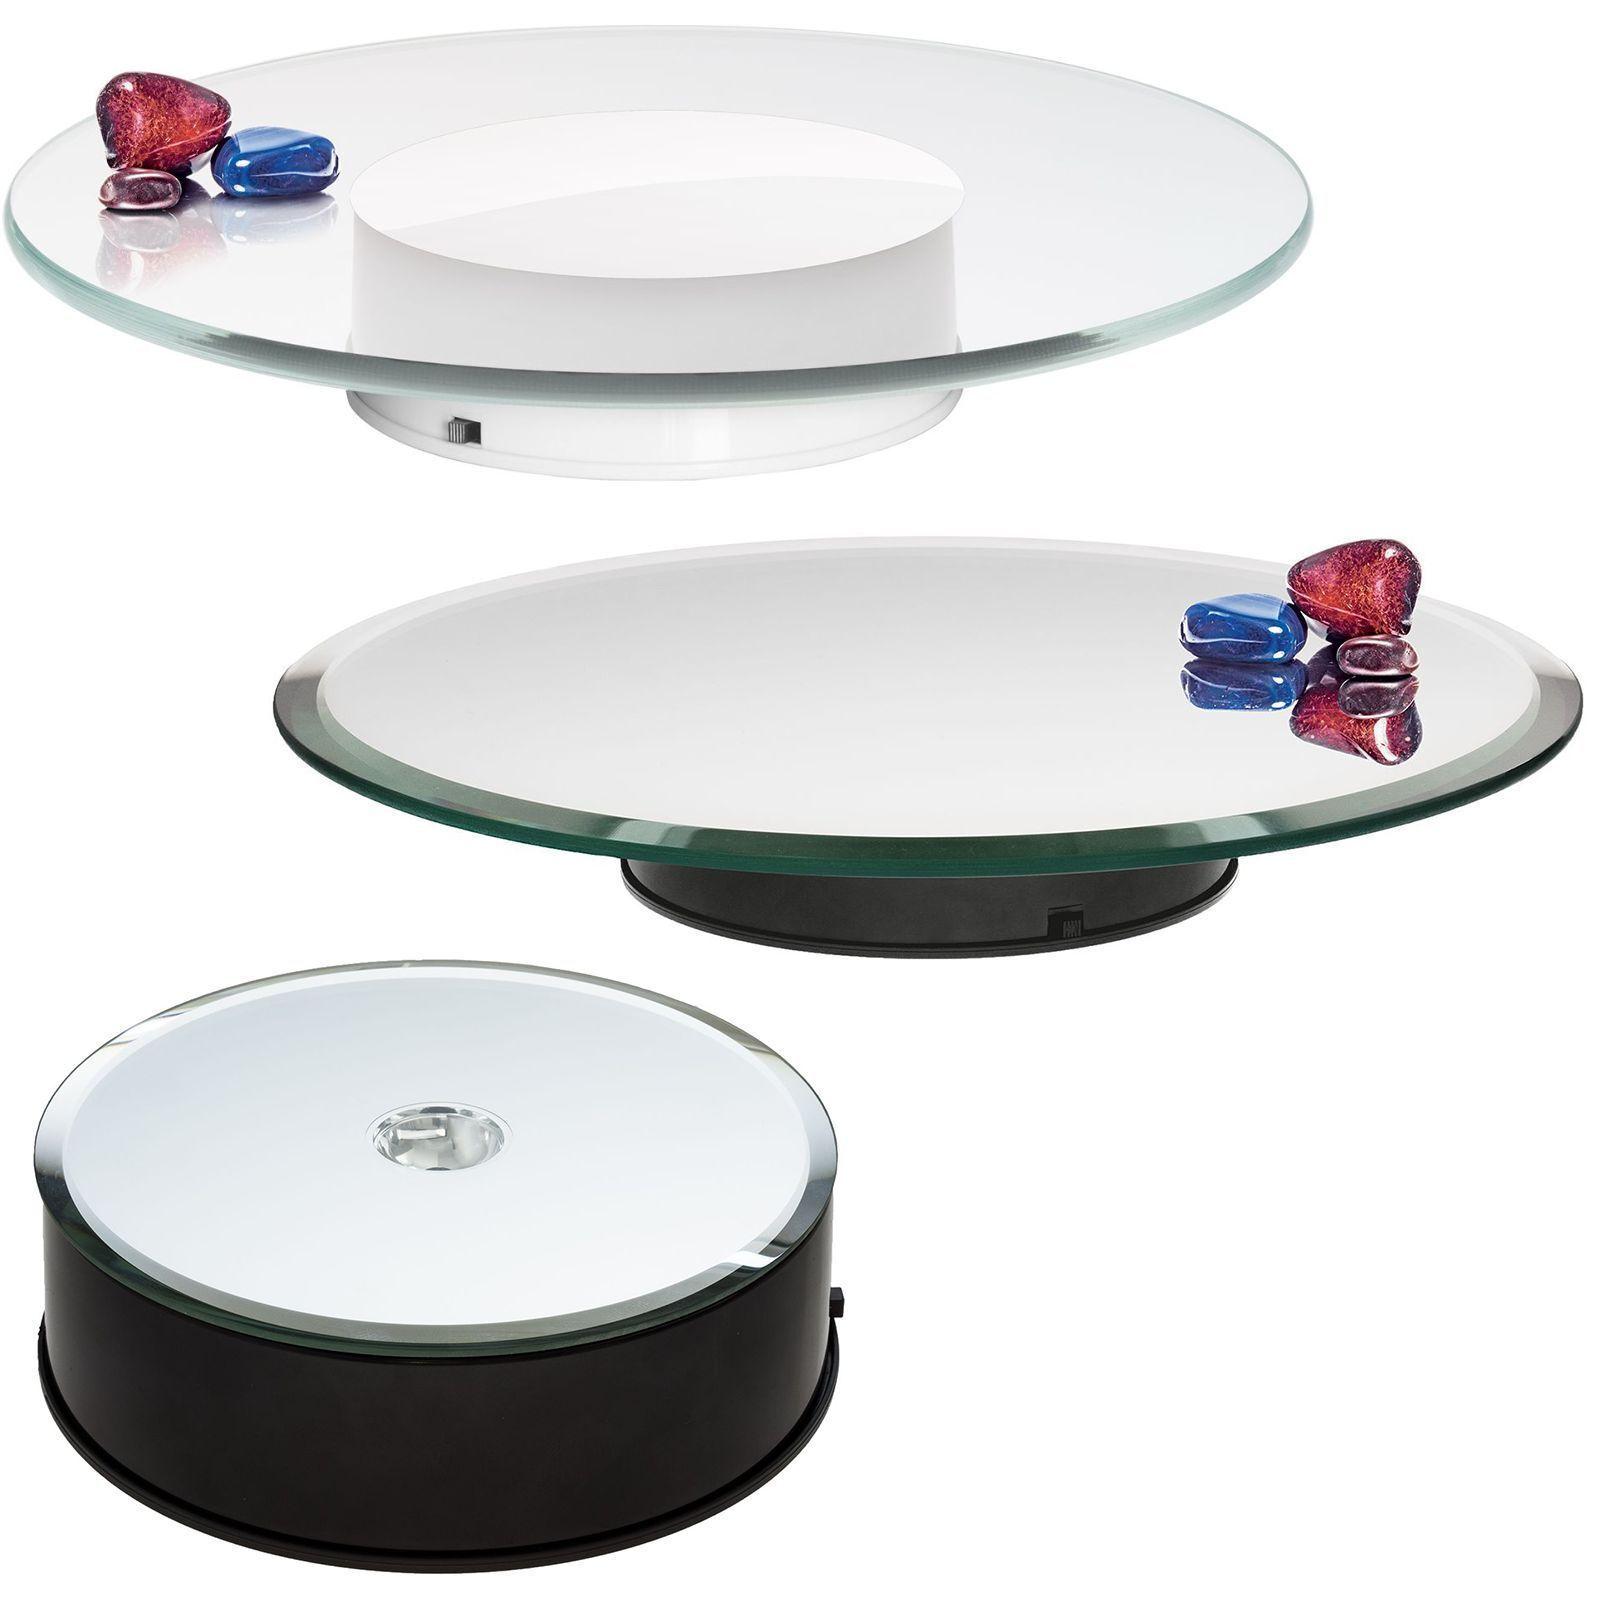 Drehteller 10cm bis 30cm Spiegel- oder Klarglas mit Motor und Netzteil  | Qualitativ Hochwertiges Produkt